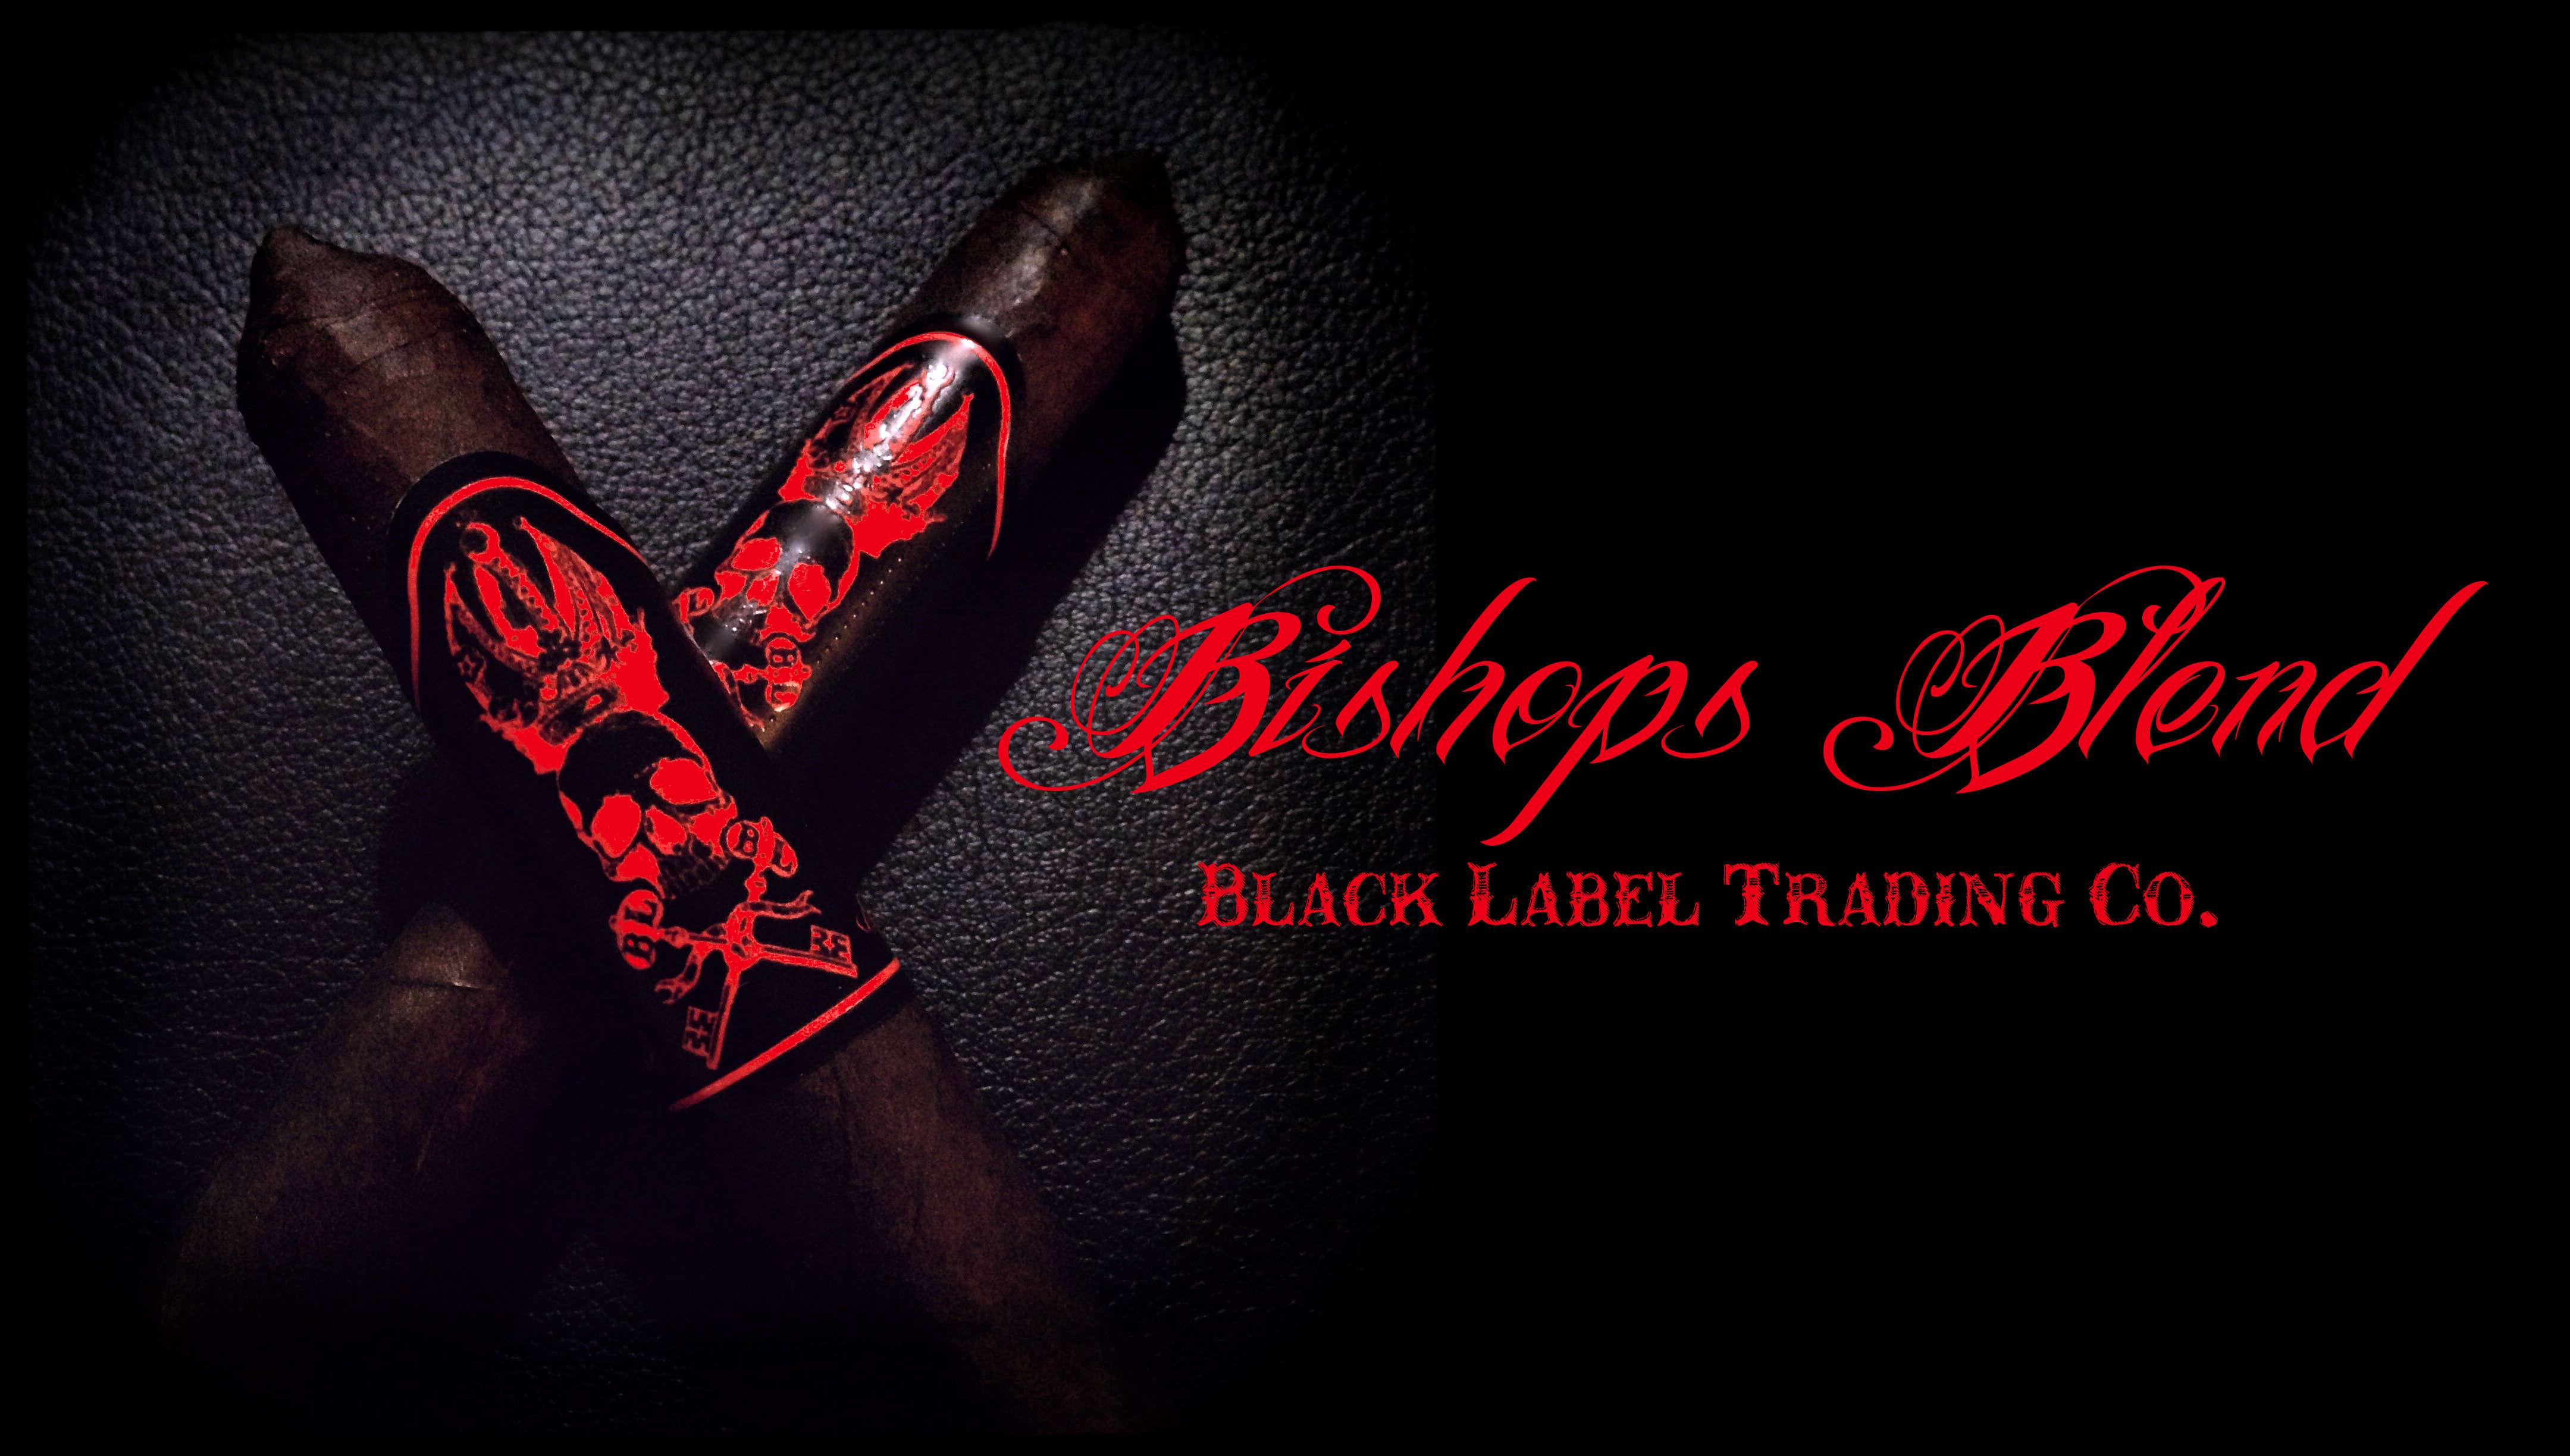 Cigar News: Black Label Trading Company Bishops Blend Vintage 2017 Heads to Market